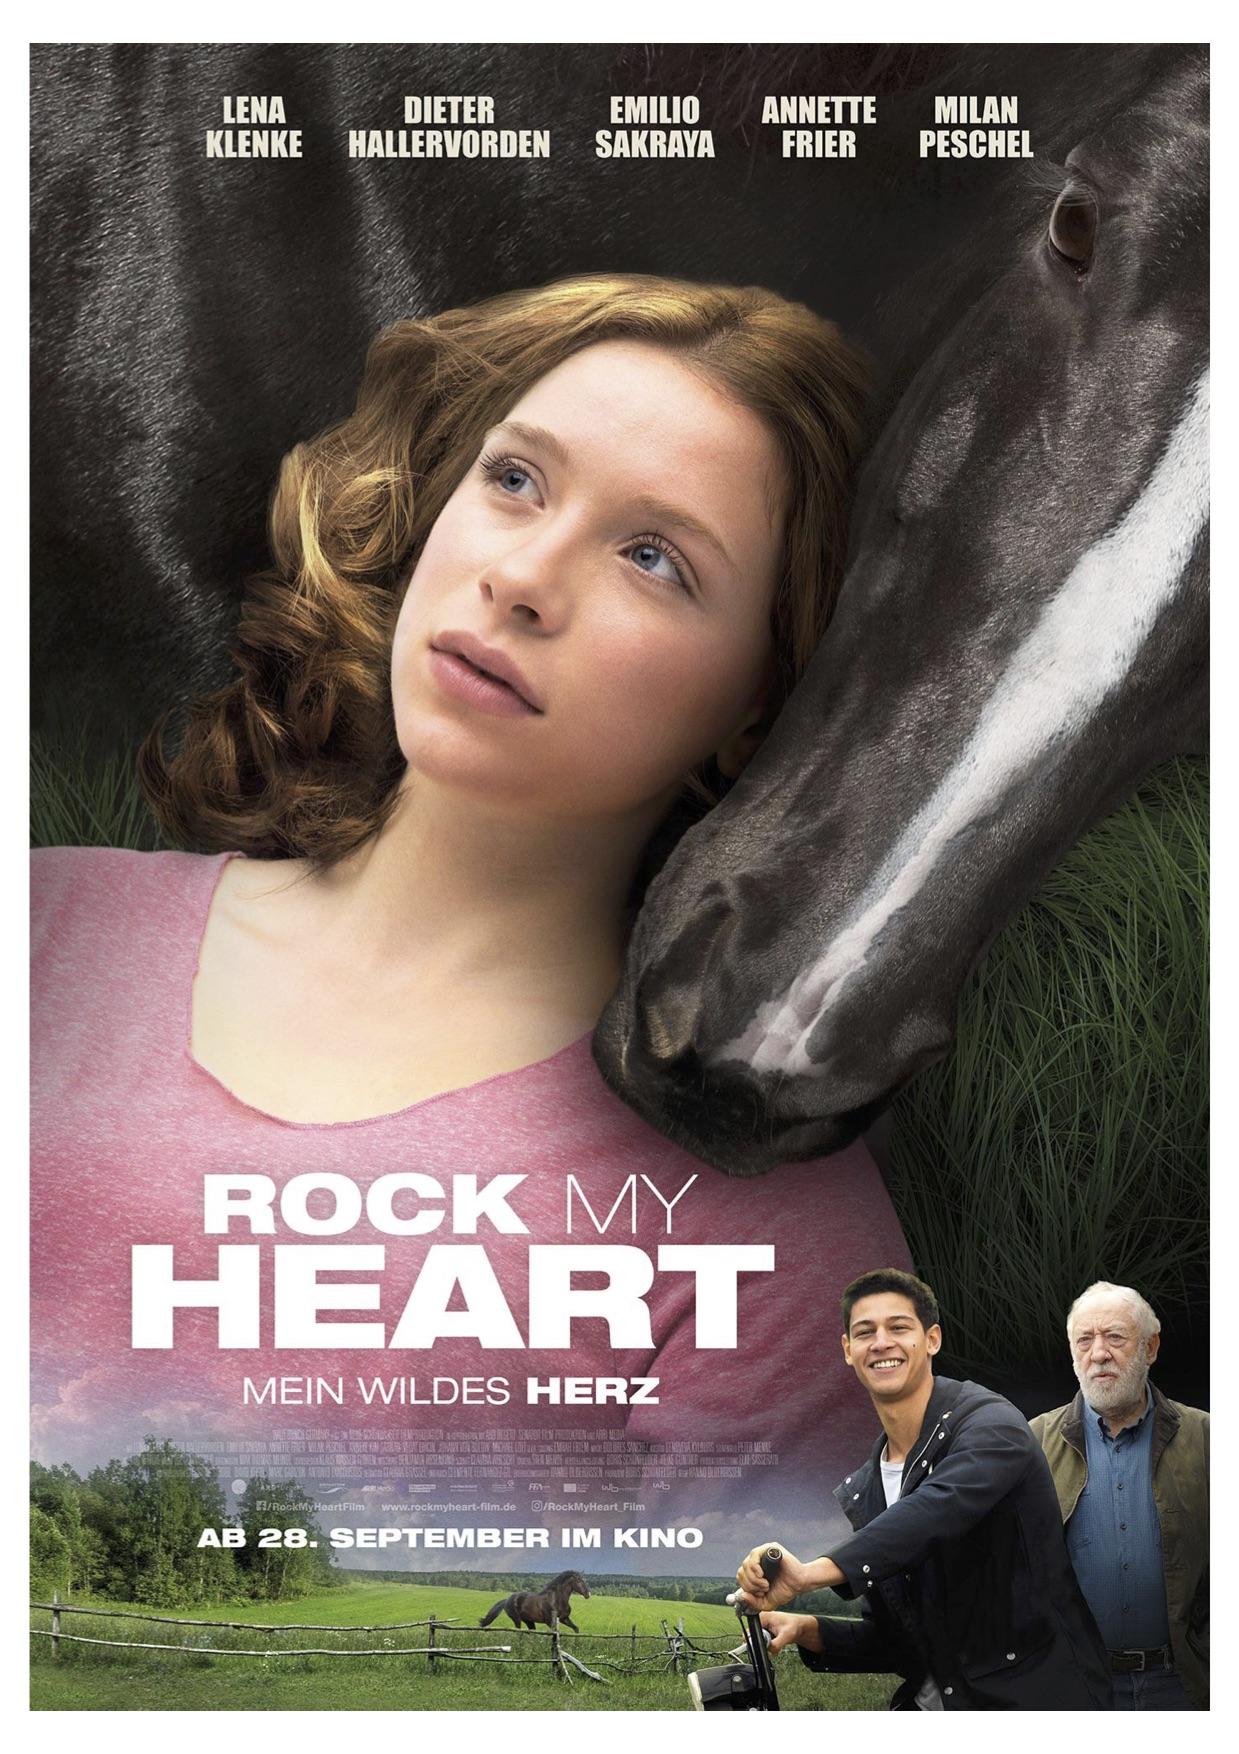 RMH_Poster final_online-min.jpg